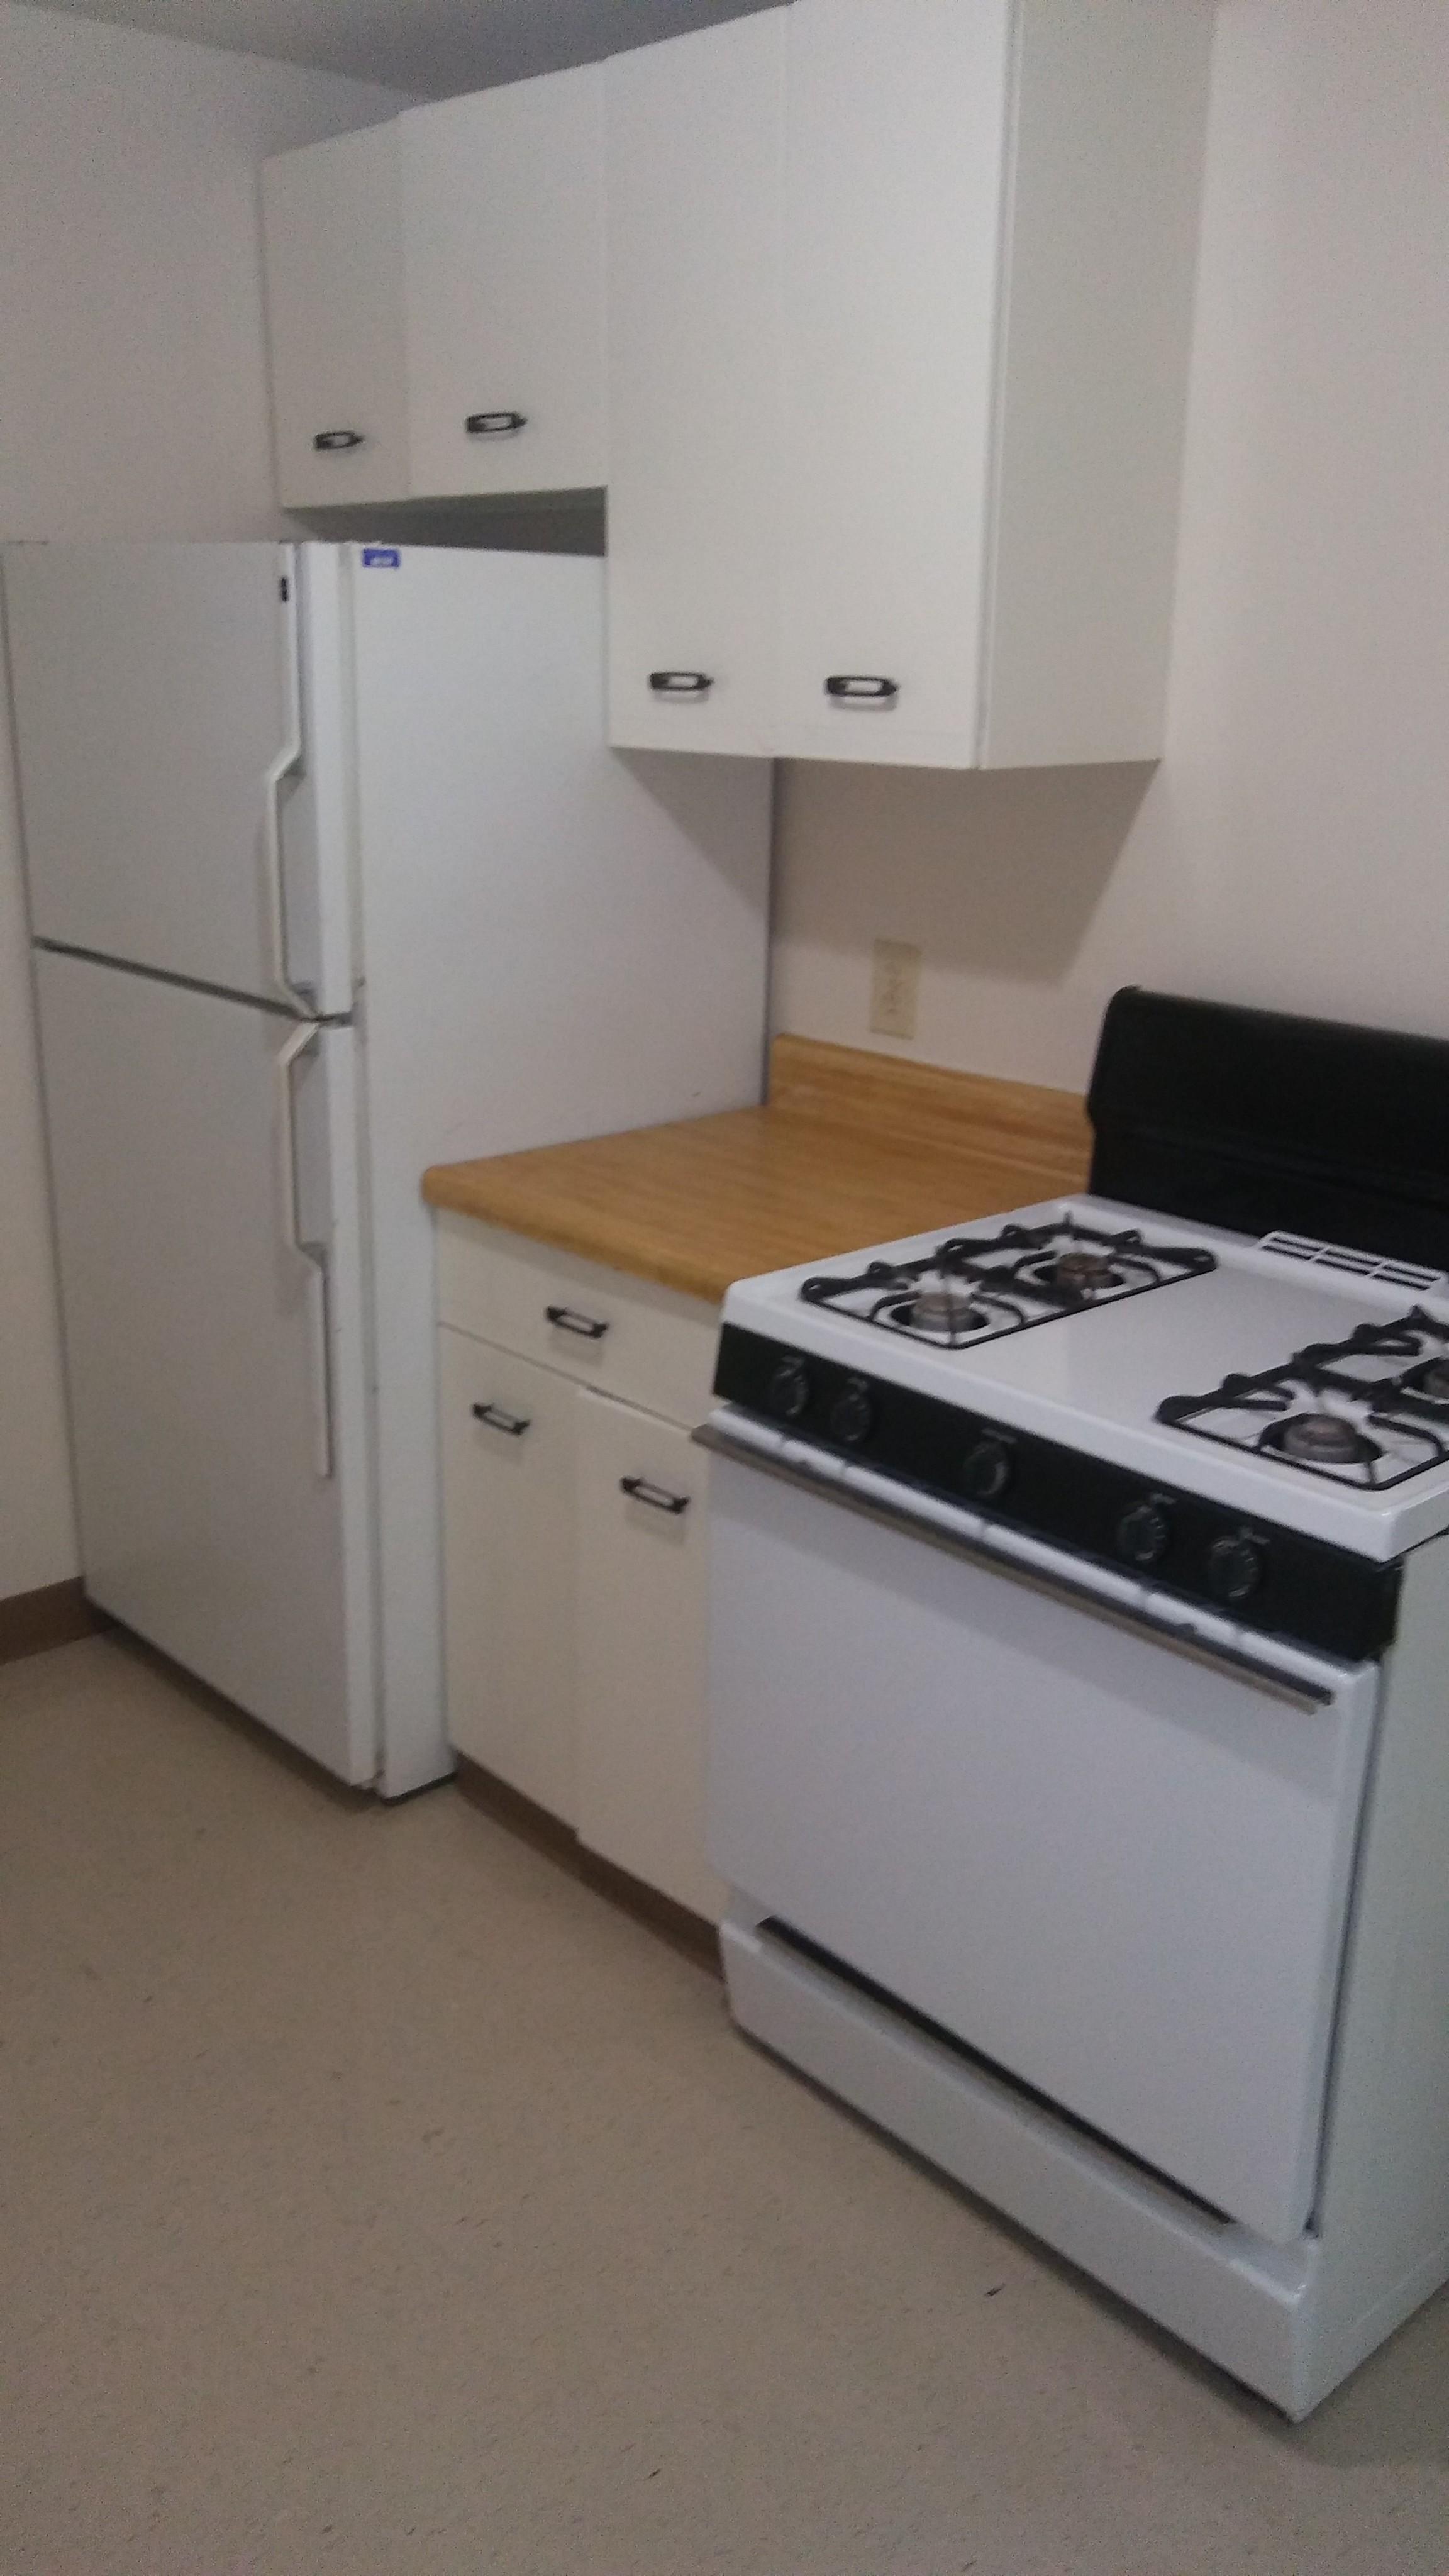 Image of Refrigerator for Seneca Oaks